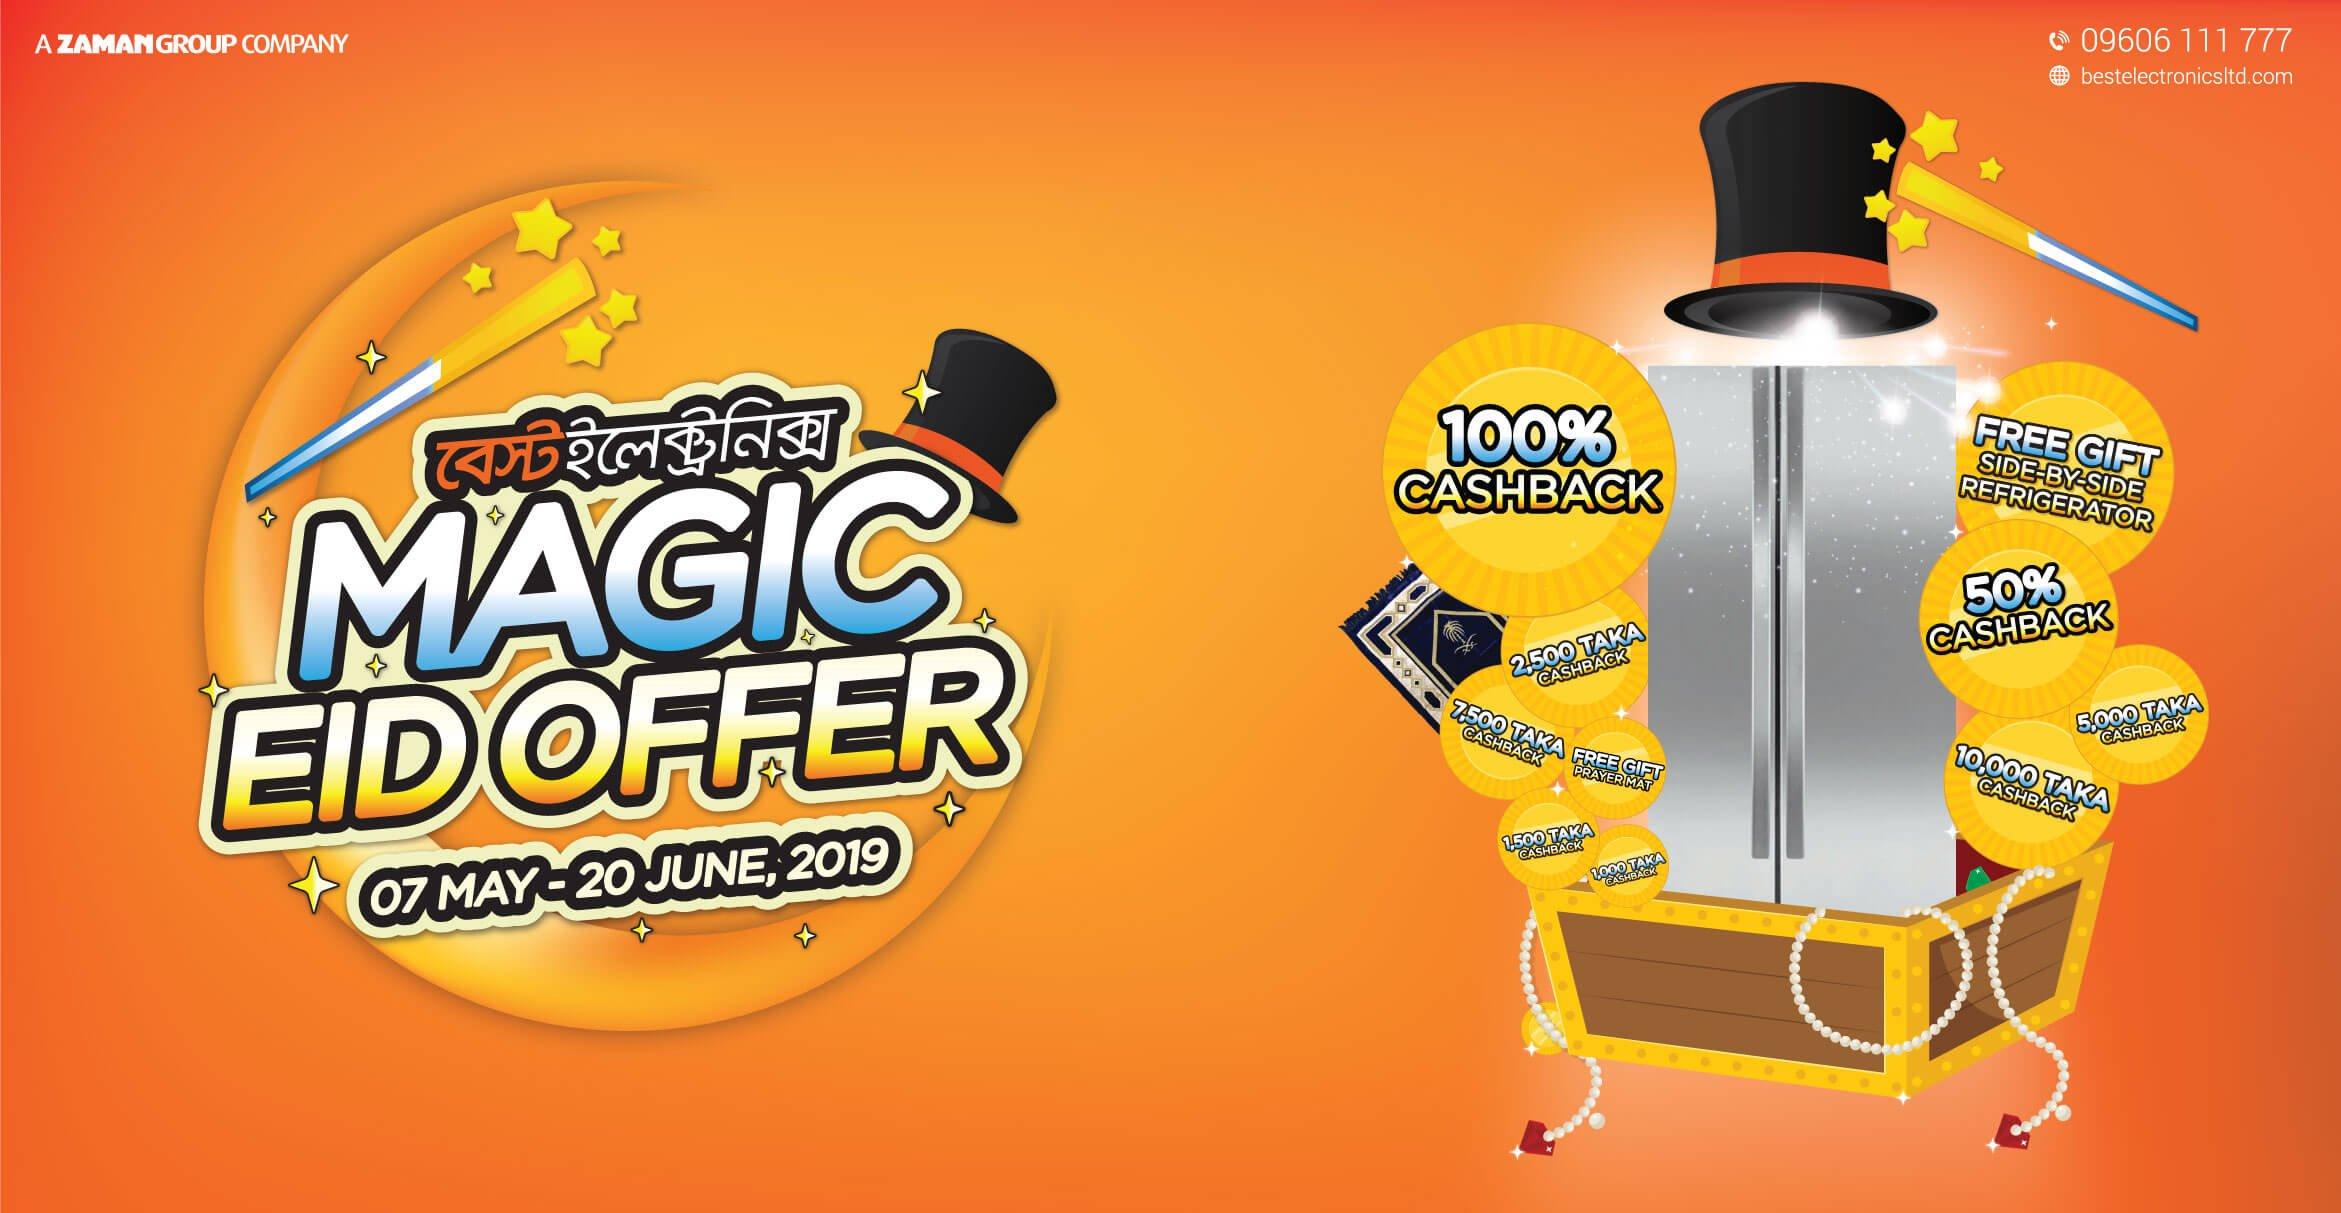 Slide-of-Magic-Eid-offer